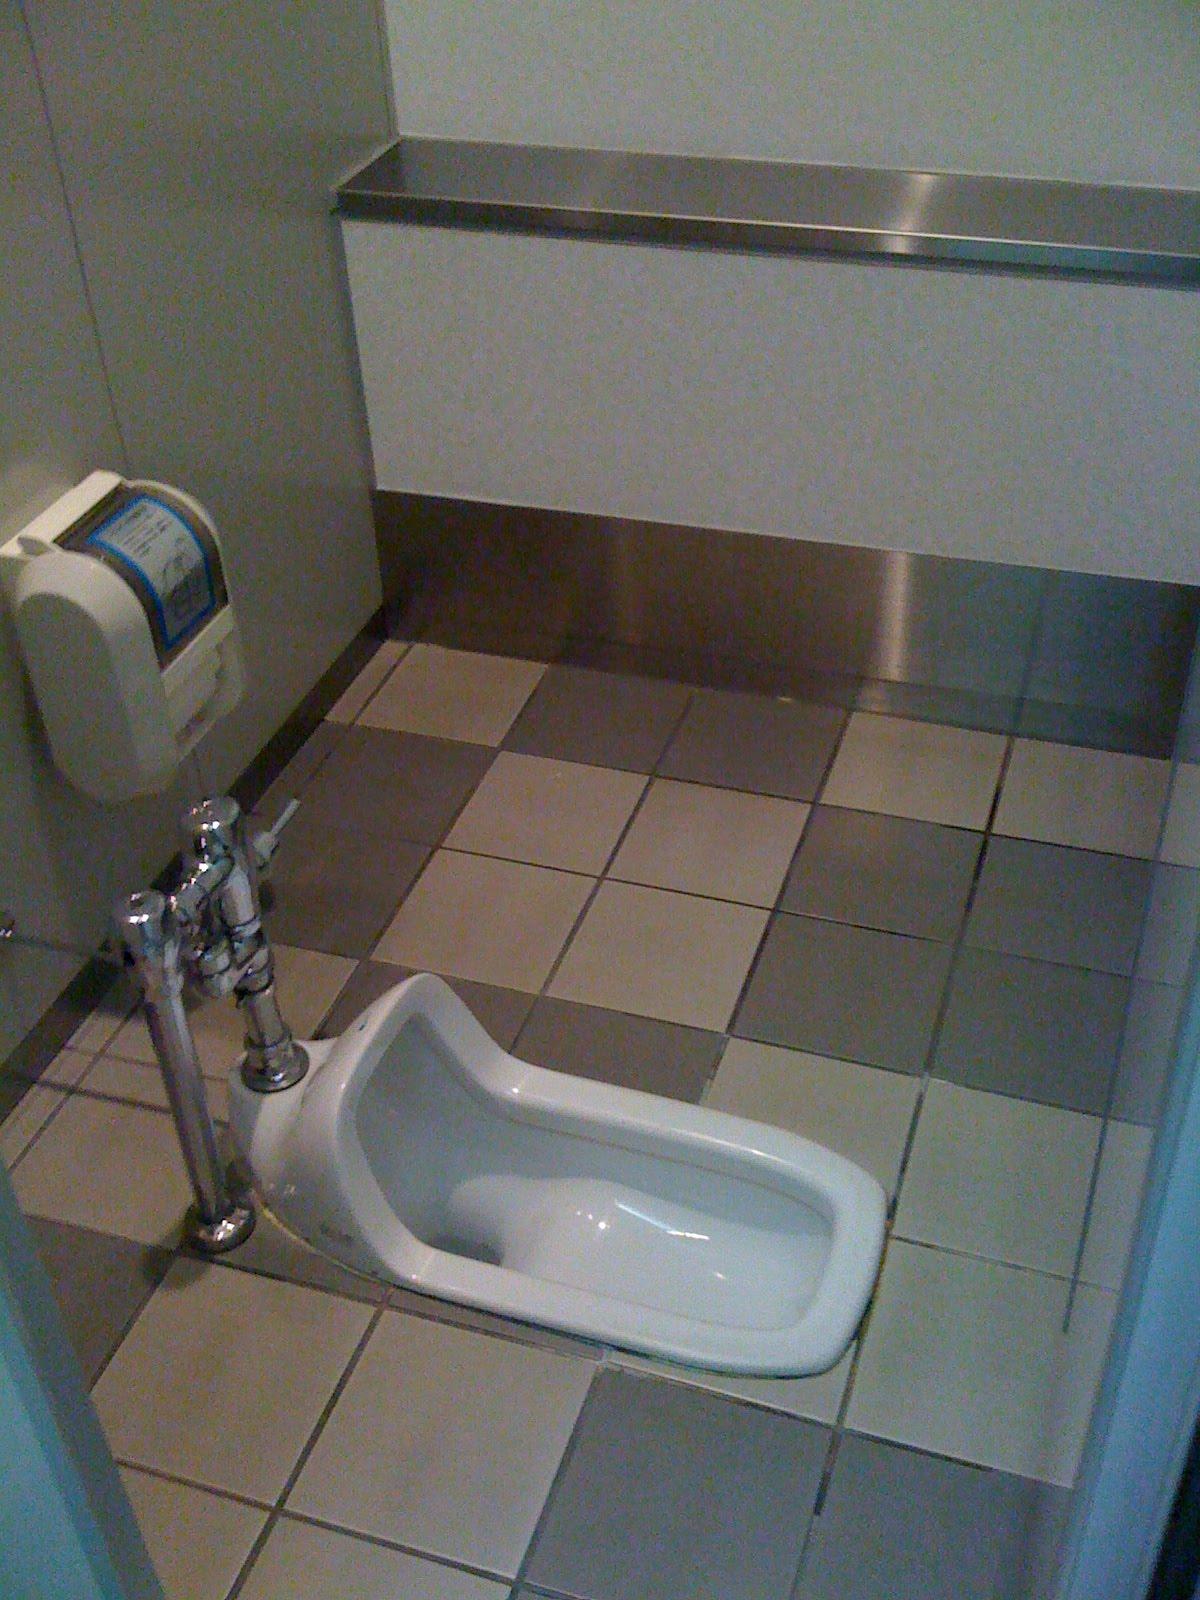 Capoc Au Japon: 7Ème Jour Au Japon : Les Toilettes Japonaises encequiconcerne Toilettes Japonaise